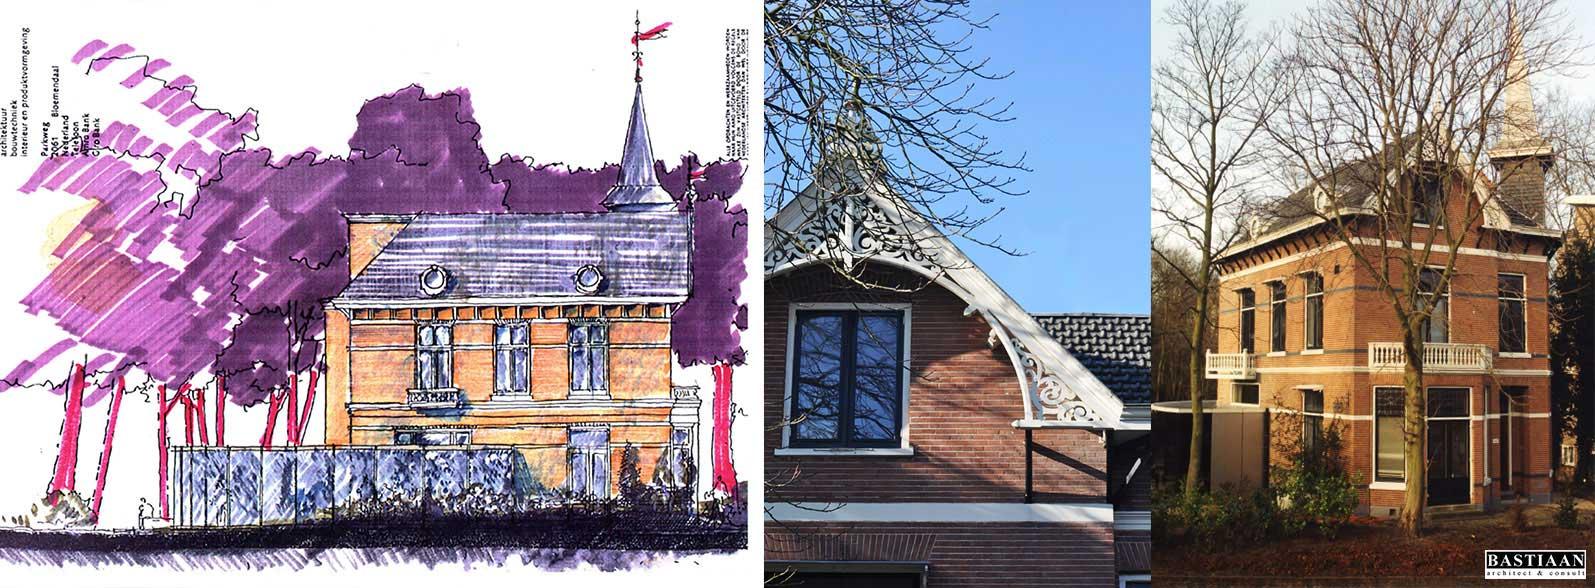 het grote woonhuisarchitectuur | renovatie | interieur | nieuwbouw